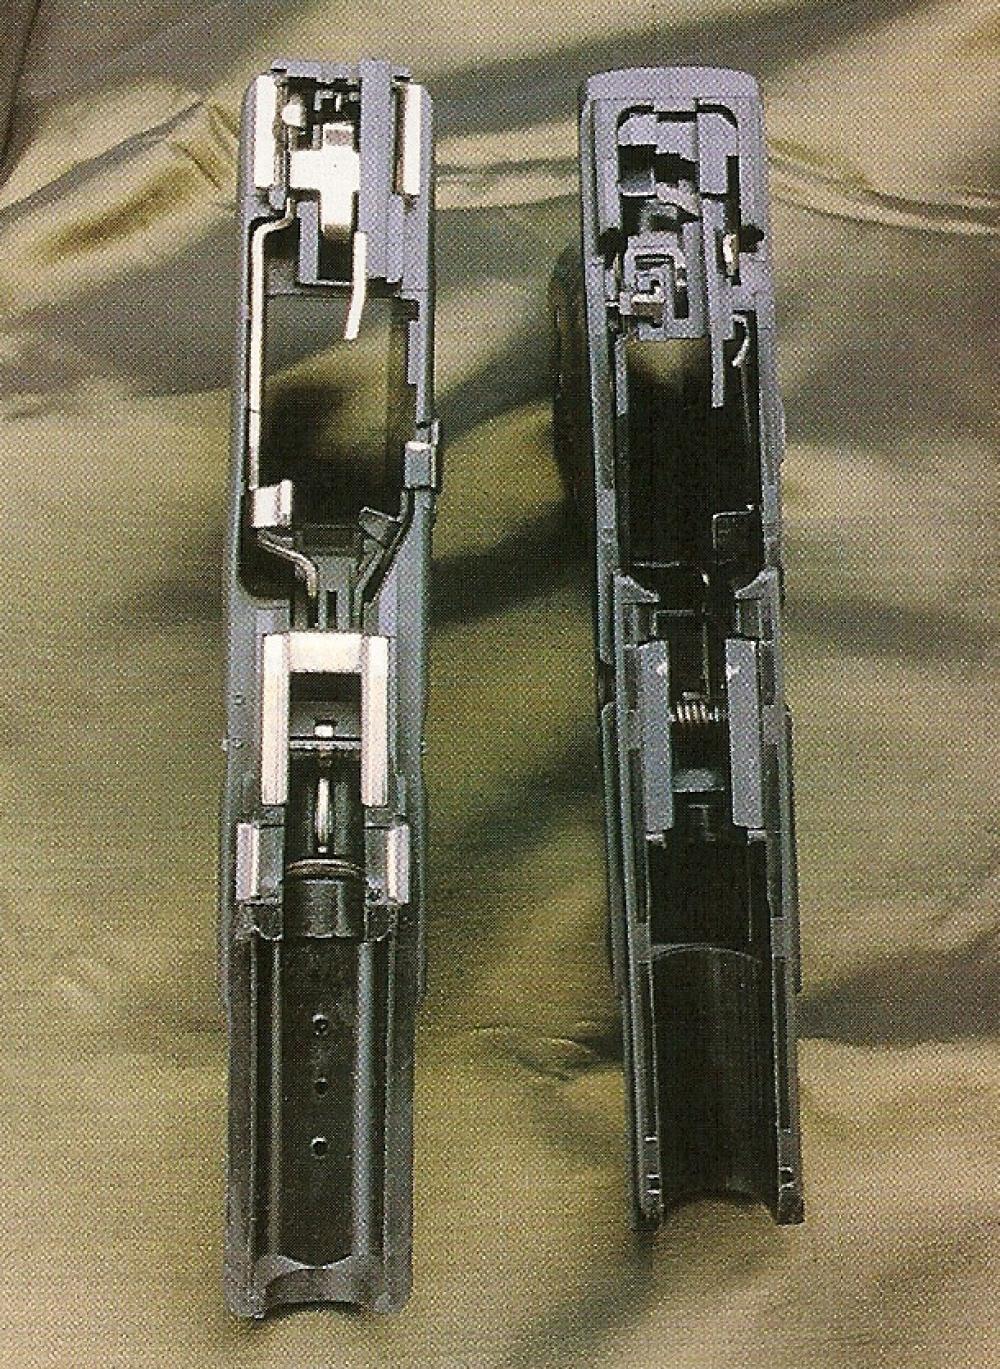 Cette comparaison entre la carcasse du Glock 19 (à gauche) et celle du CZ 100 laissent apparaître des analogies, mais on remarque que les rails du CZ sont totalement dépourvus d'inserts métalliques.